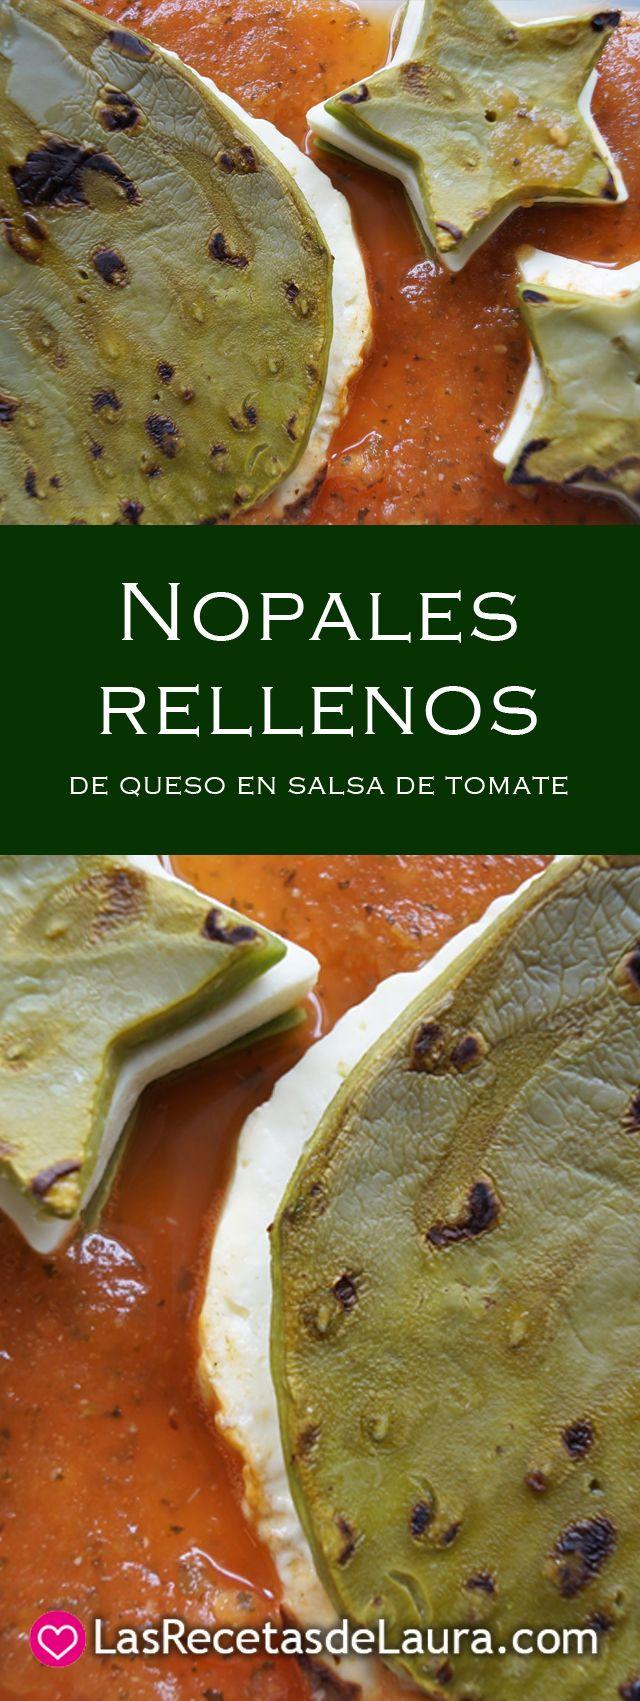 Deliciosos y saludables nopales rellenos de queso, una receta para las personas que cuidan su salud y su figura, deliciosos con salsa de tomate casera!(Recetas Fitness Cena)